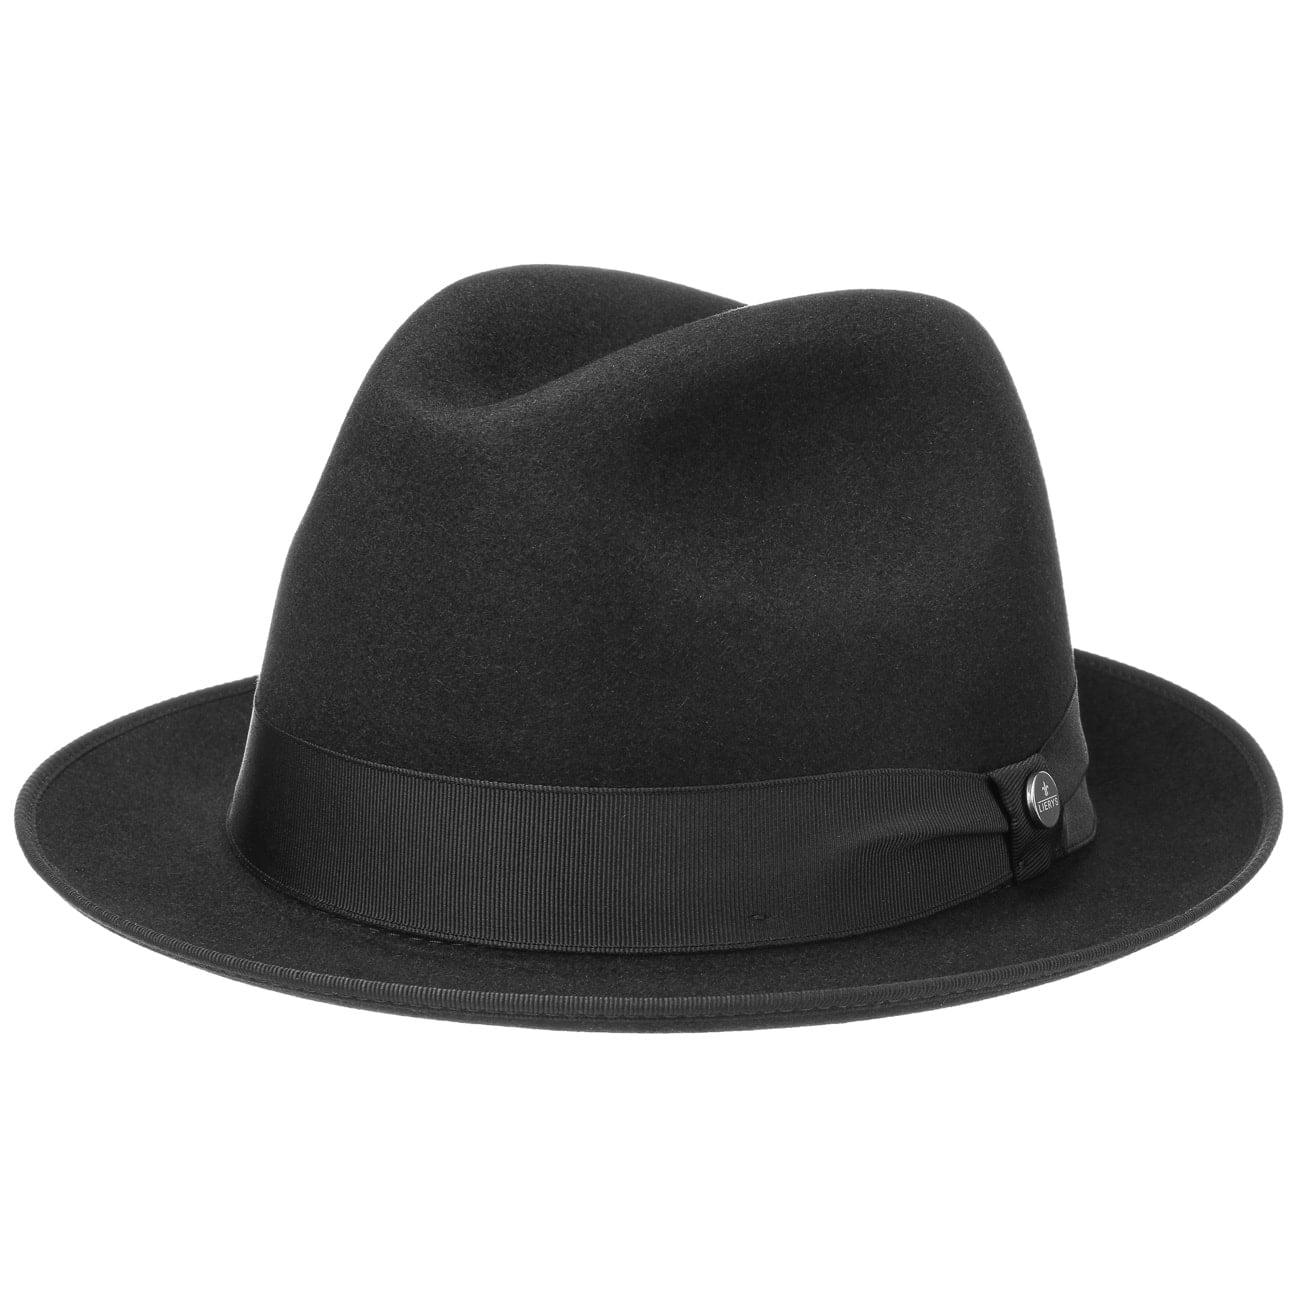 Hut aus dem Film Blues Brothers